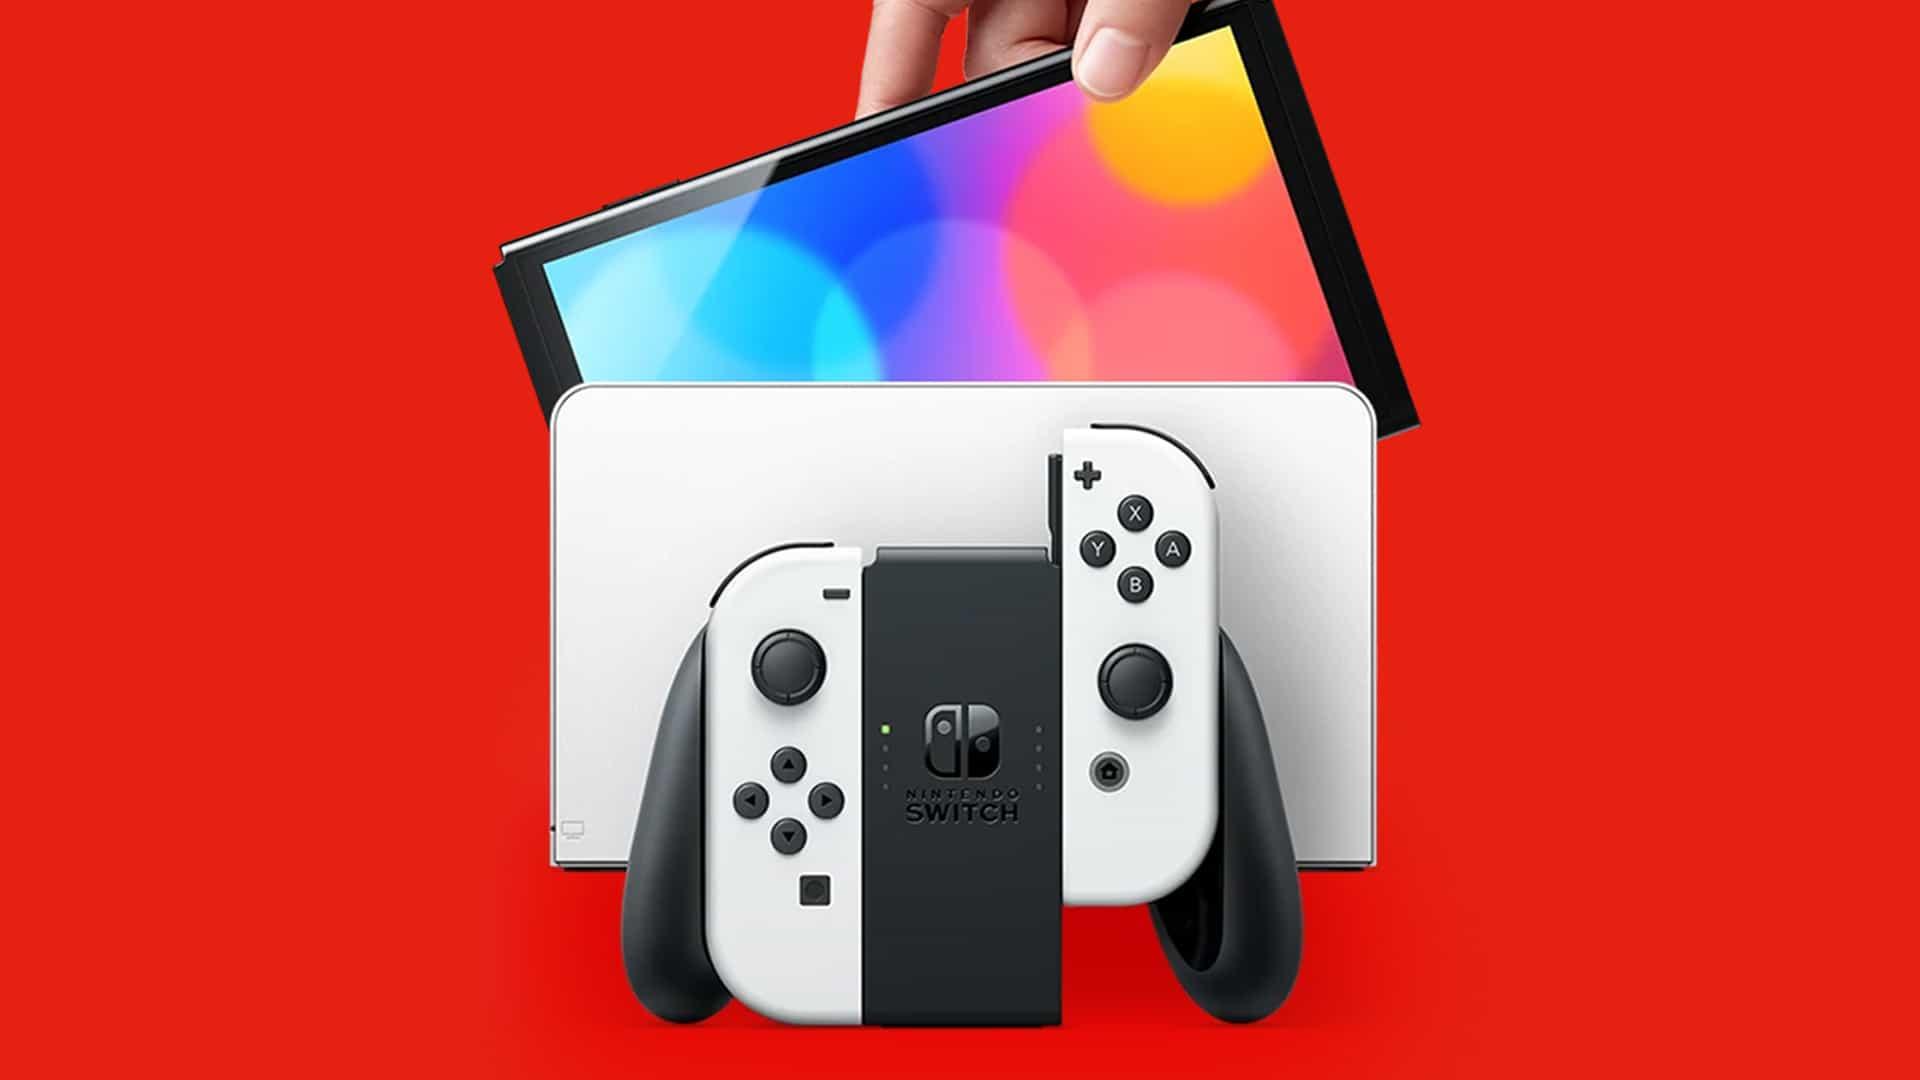 El nuevo modelo OLED de Nintendo Switch está aquí (y los jugadores no están contentos)